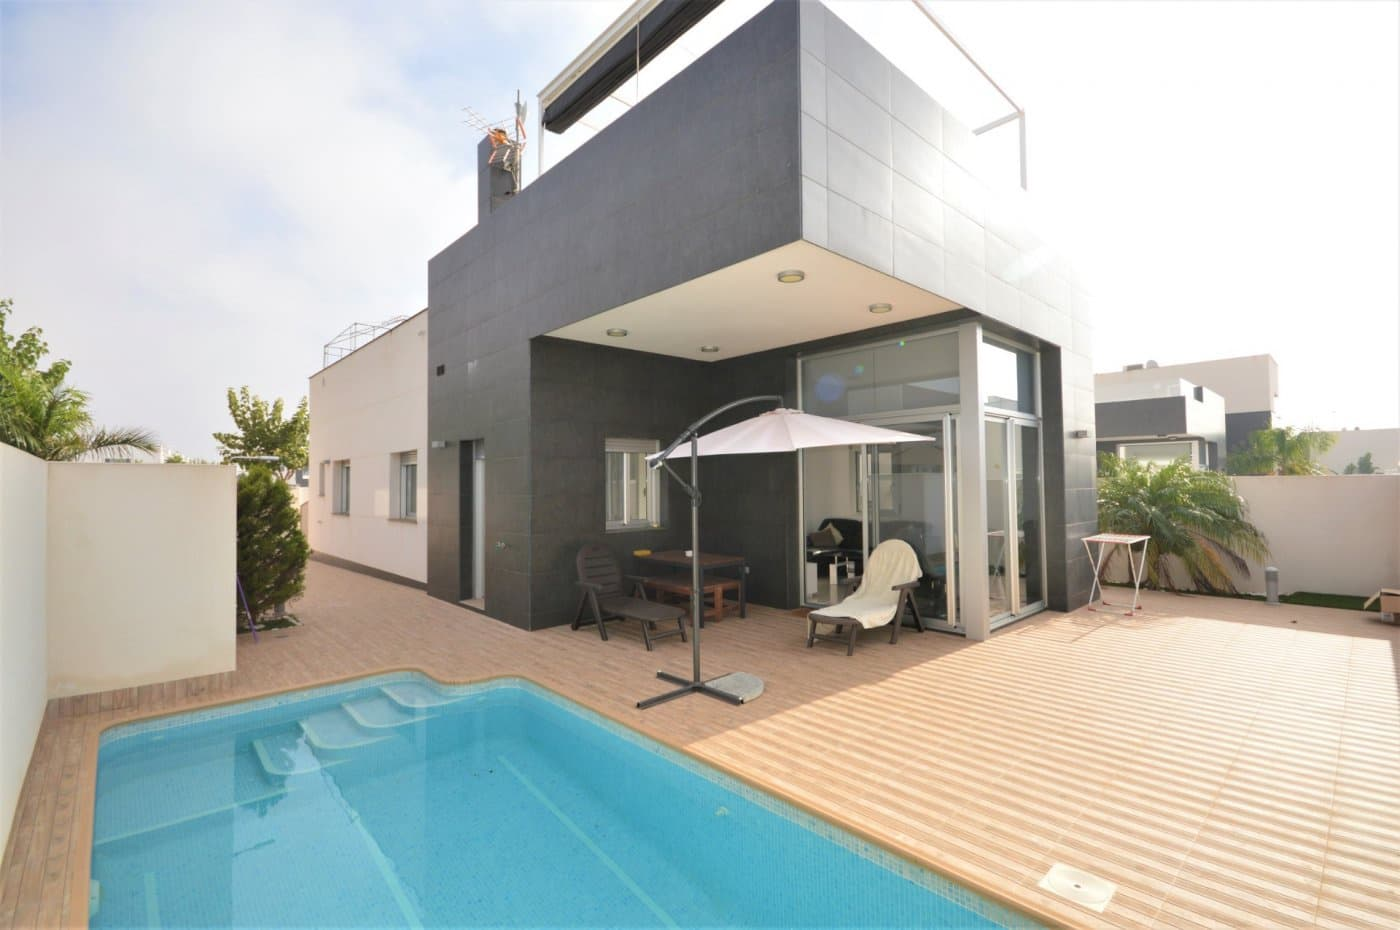 Chalet de 3 habitaciones en Pilar de la Horadada en venta con piscina - 299.000 € (Ref: 4793831)